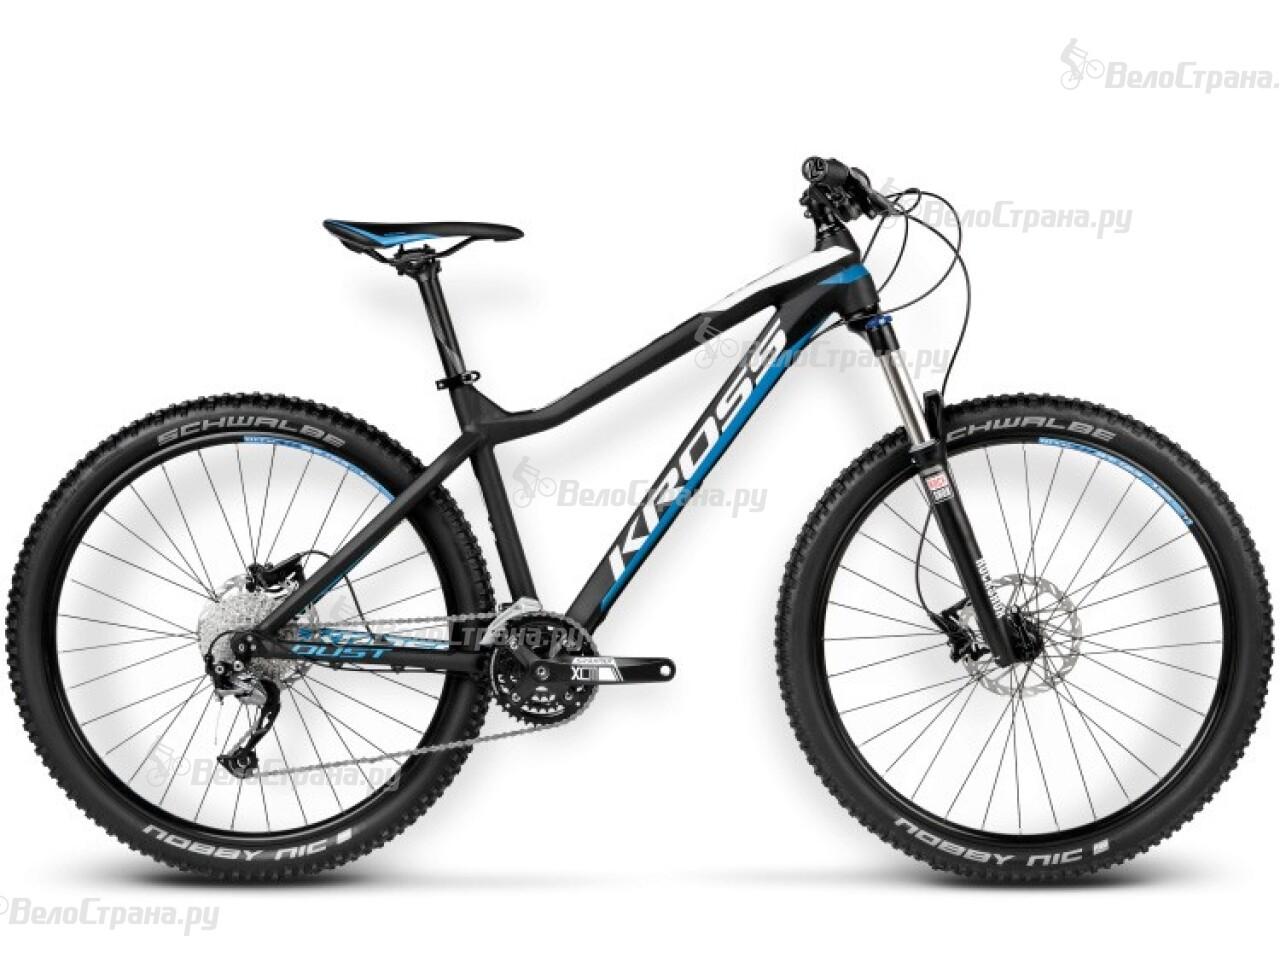 Велосипед Kross Dust 1.0 (2016)